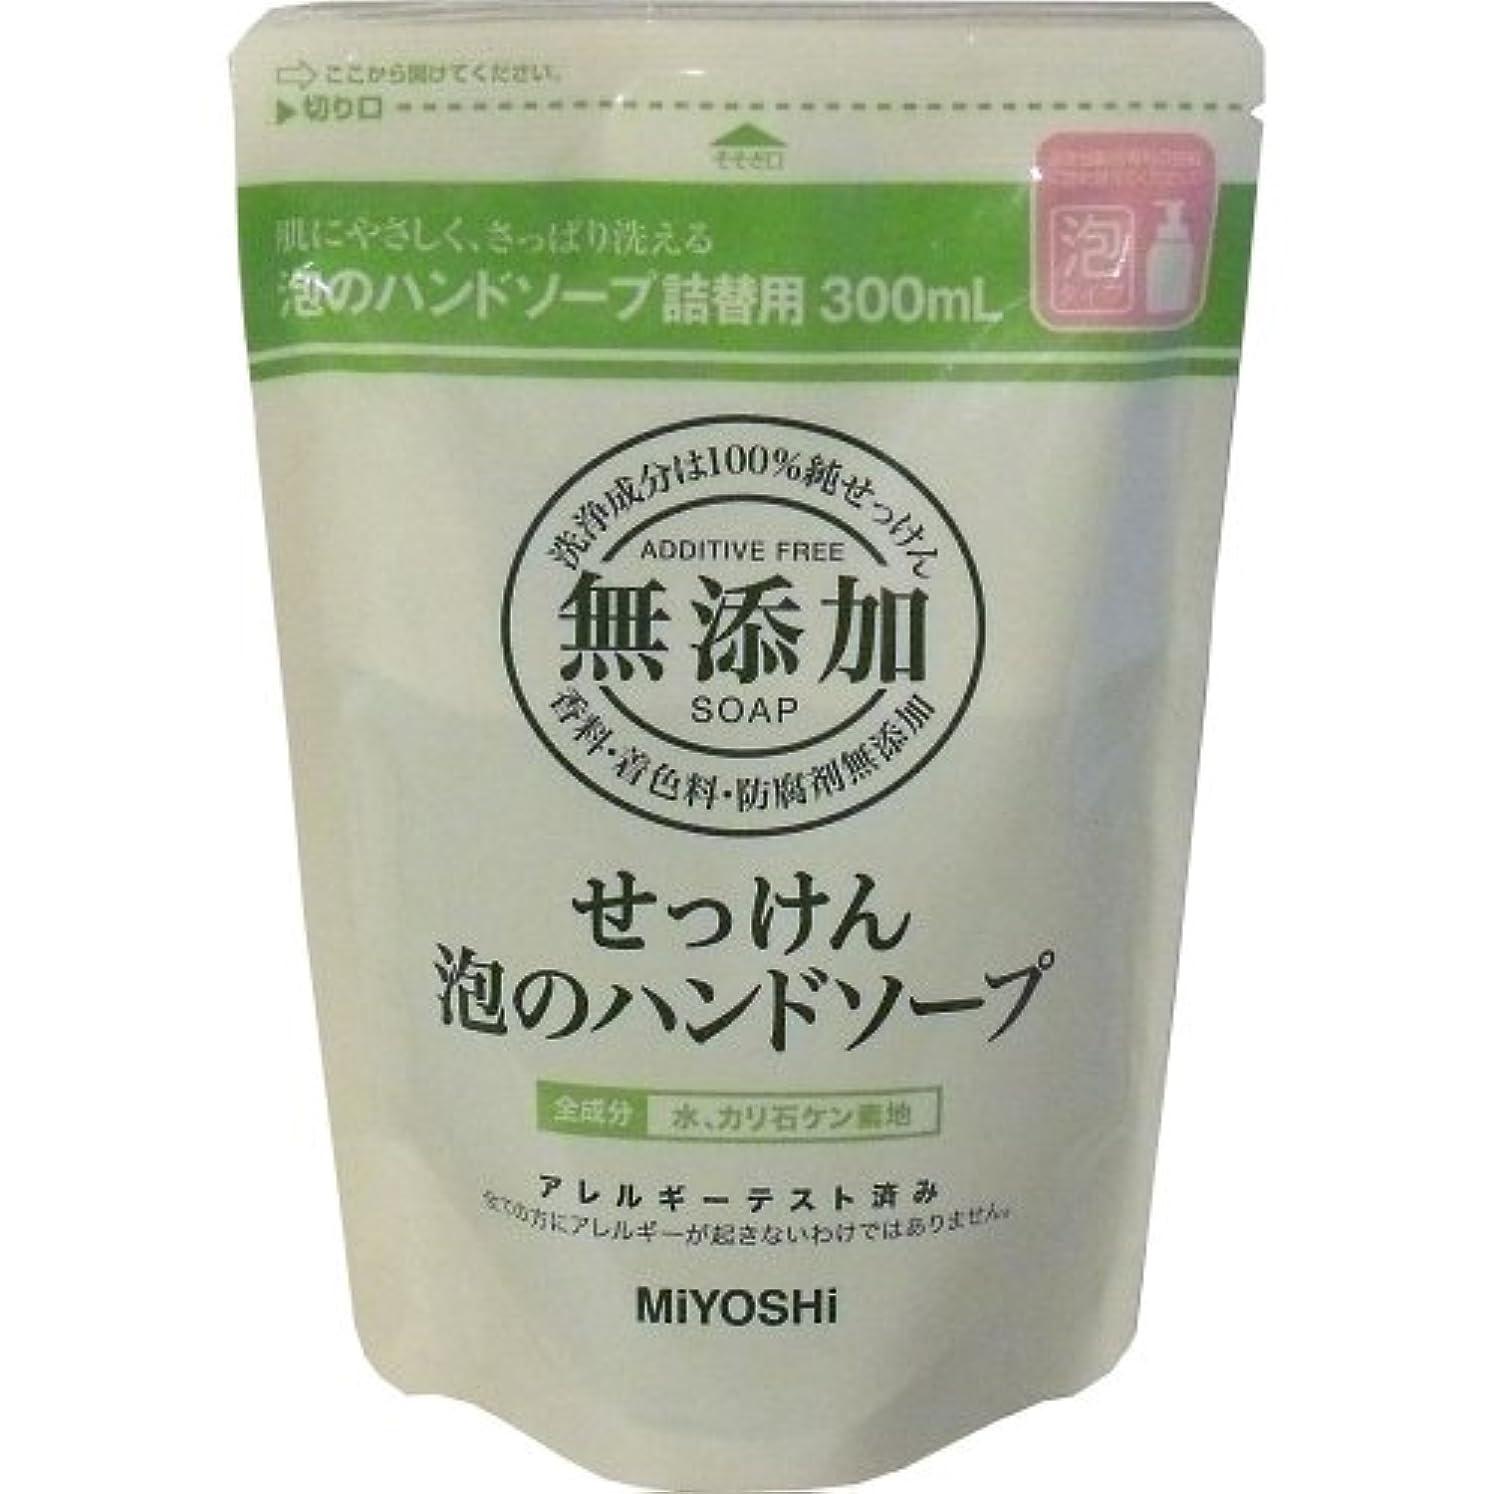 に負ける男らしい多分ミヨシ石鹸 無添加せっけん泡ハンドソープ 詰替用300ml×5